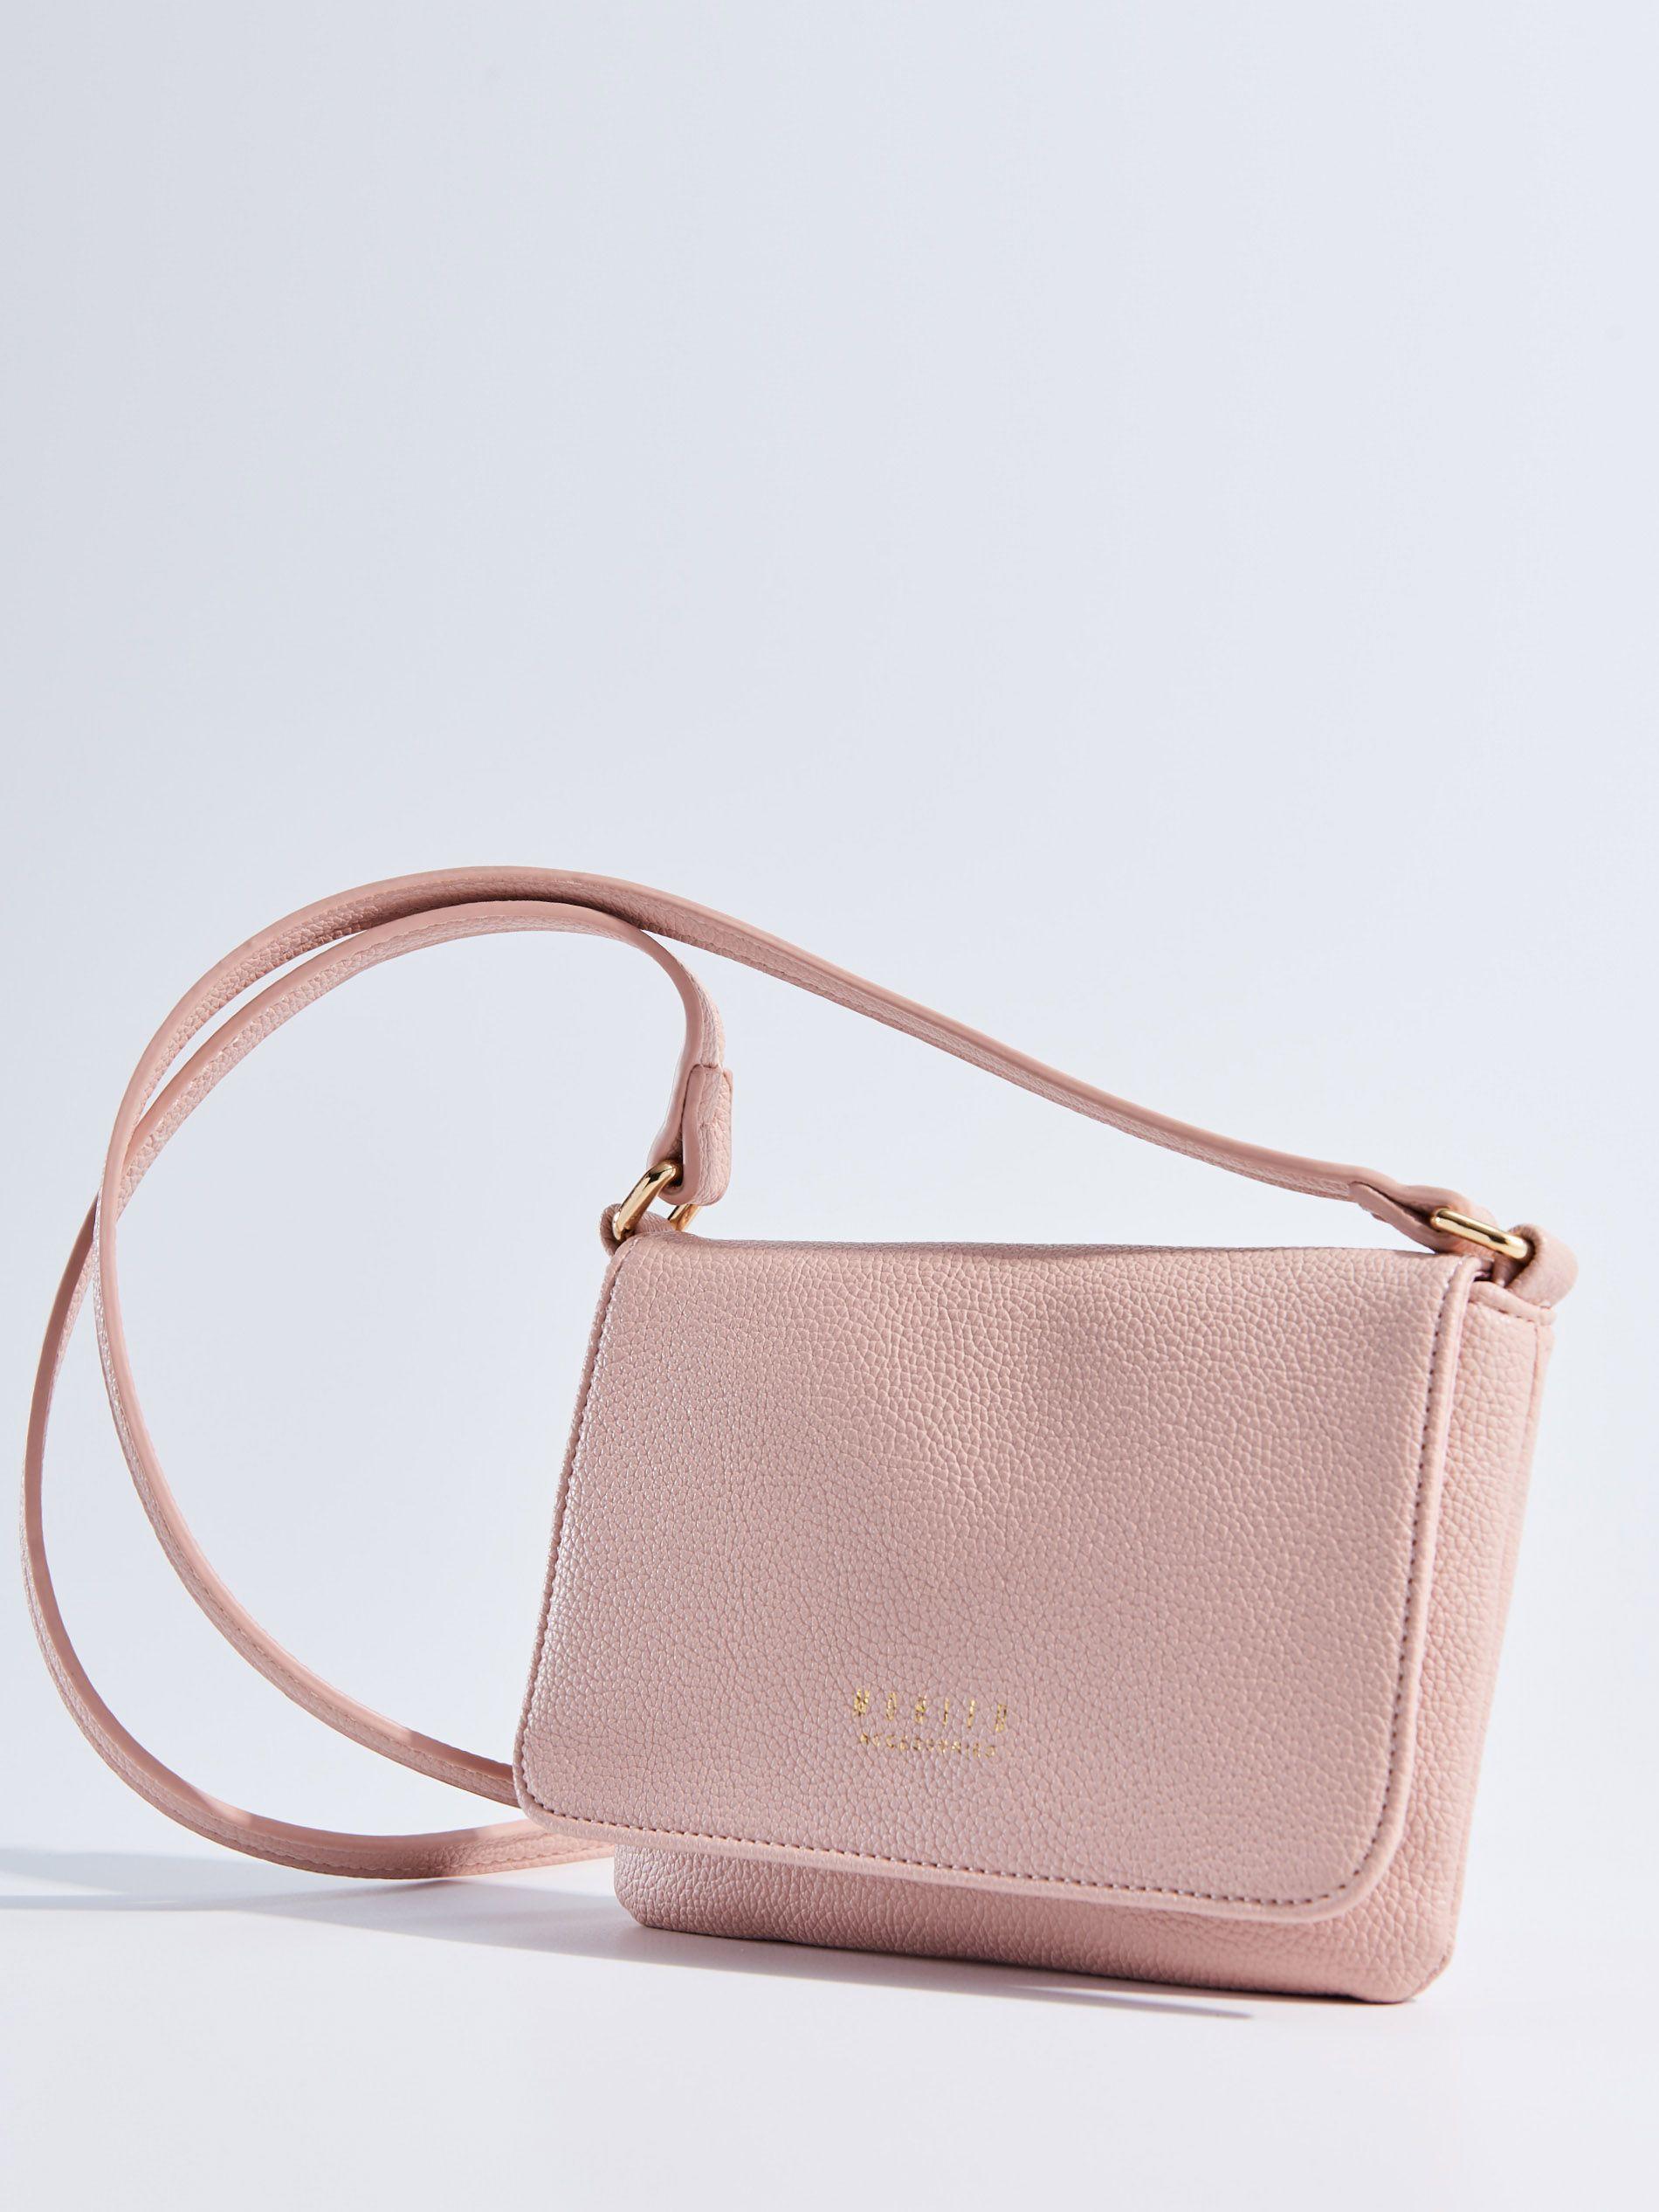 5e95611ca Malá kabelka s remienkom, TAŠKY, PEŇAŽENKY, ružová, MOHITO   kabelky